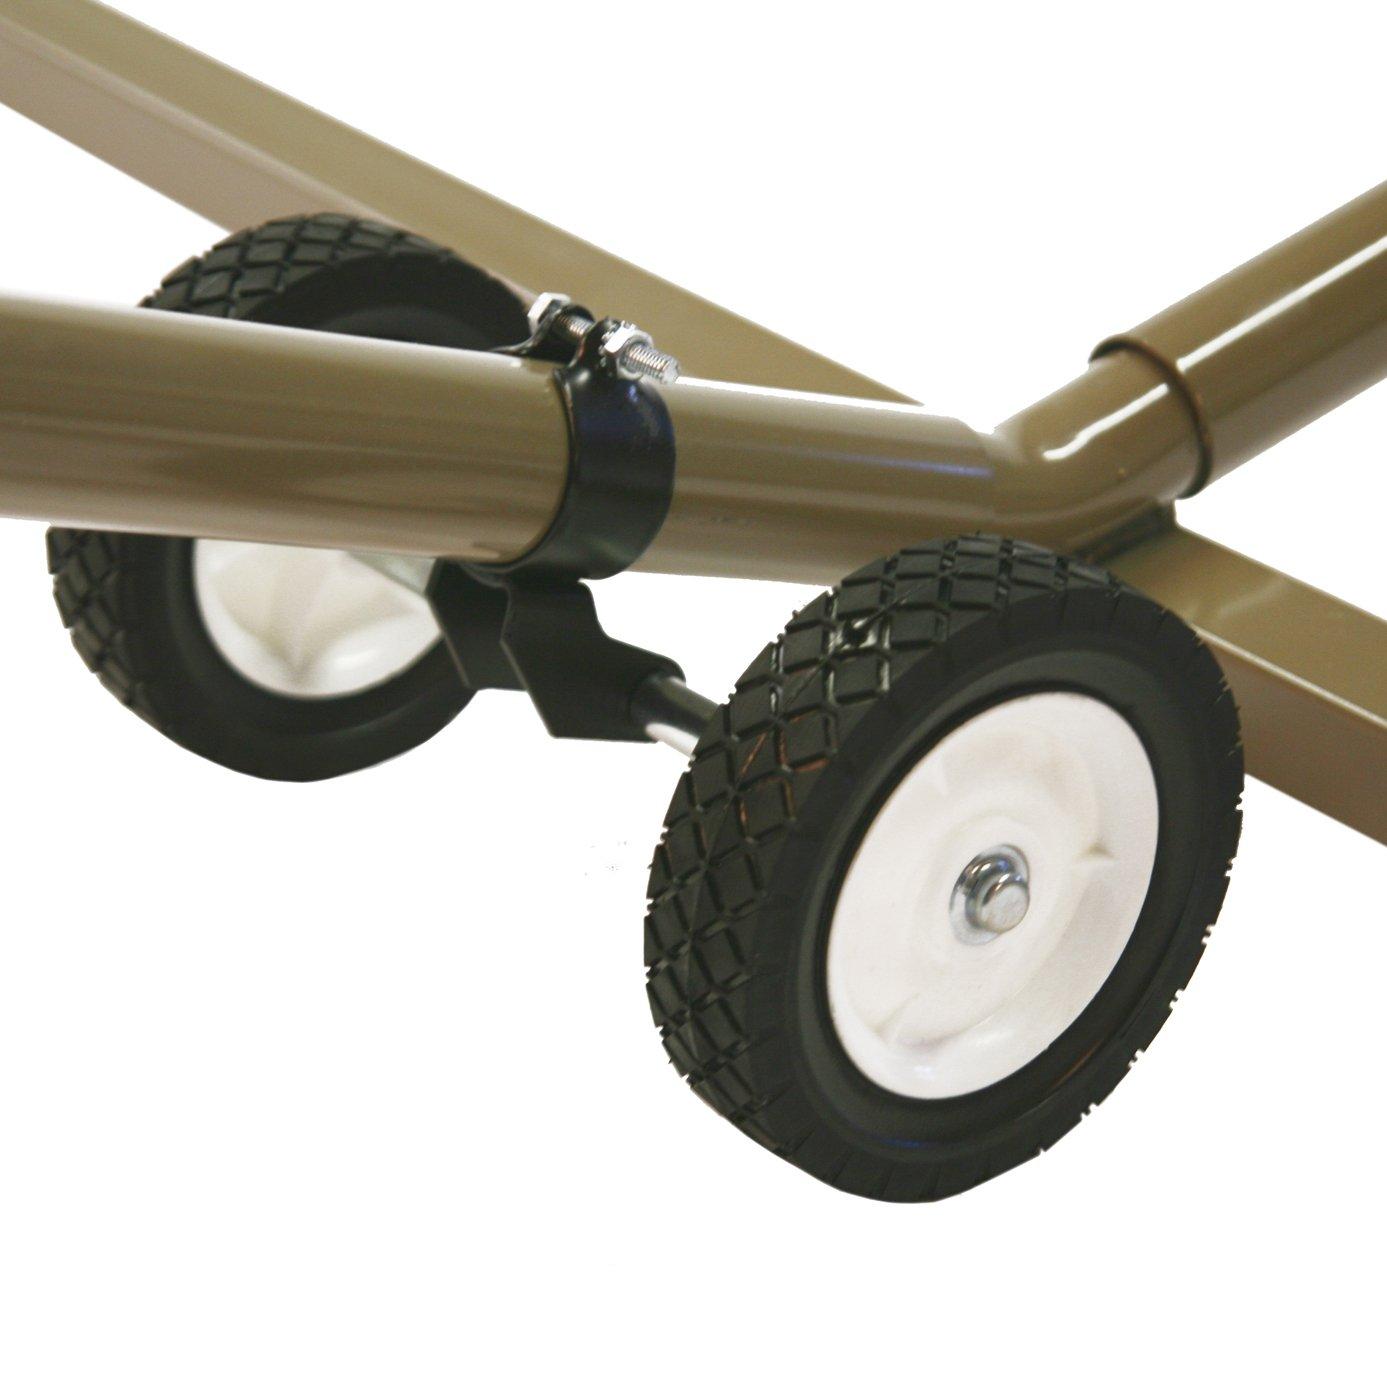 Algoma 7809BL Wheel Kit for Model #4780 Hammock Stand by Algoma